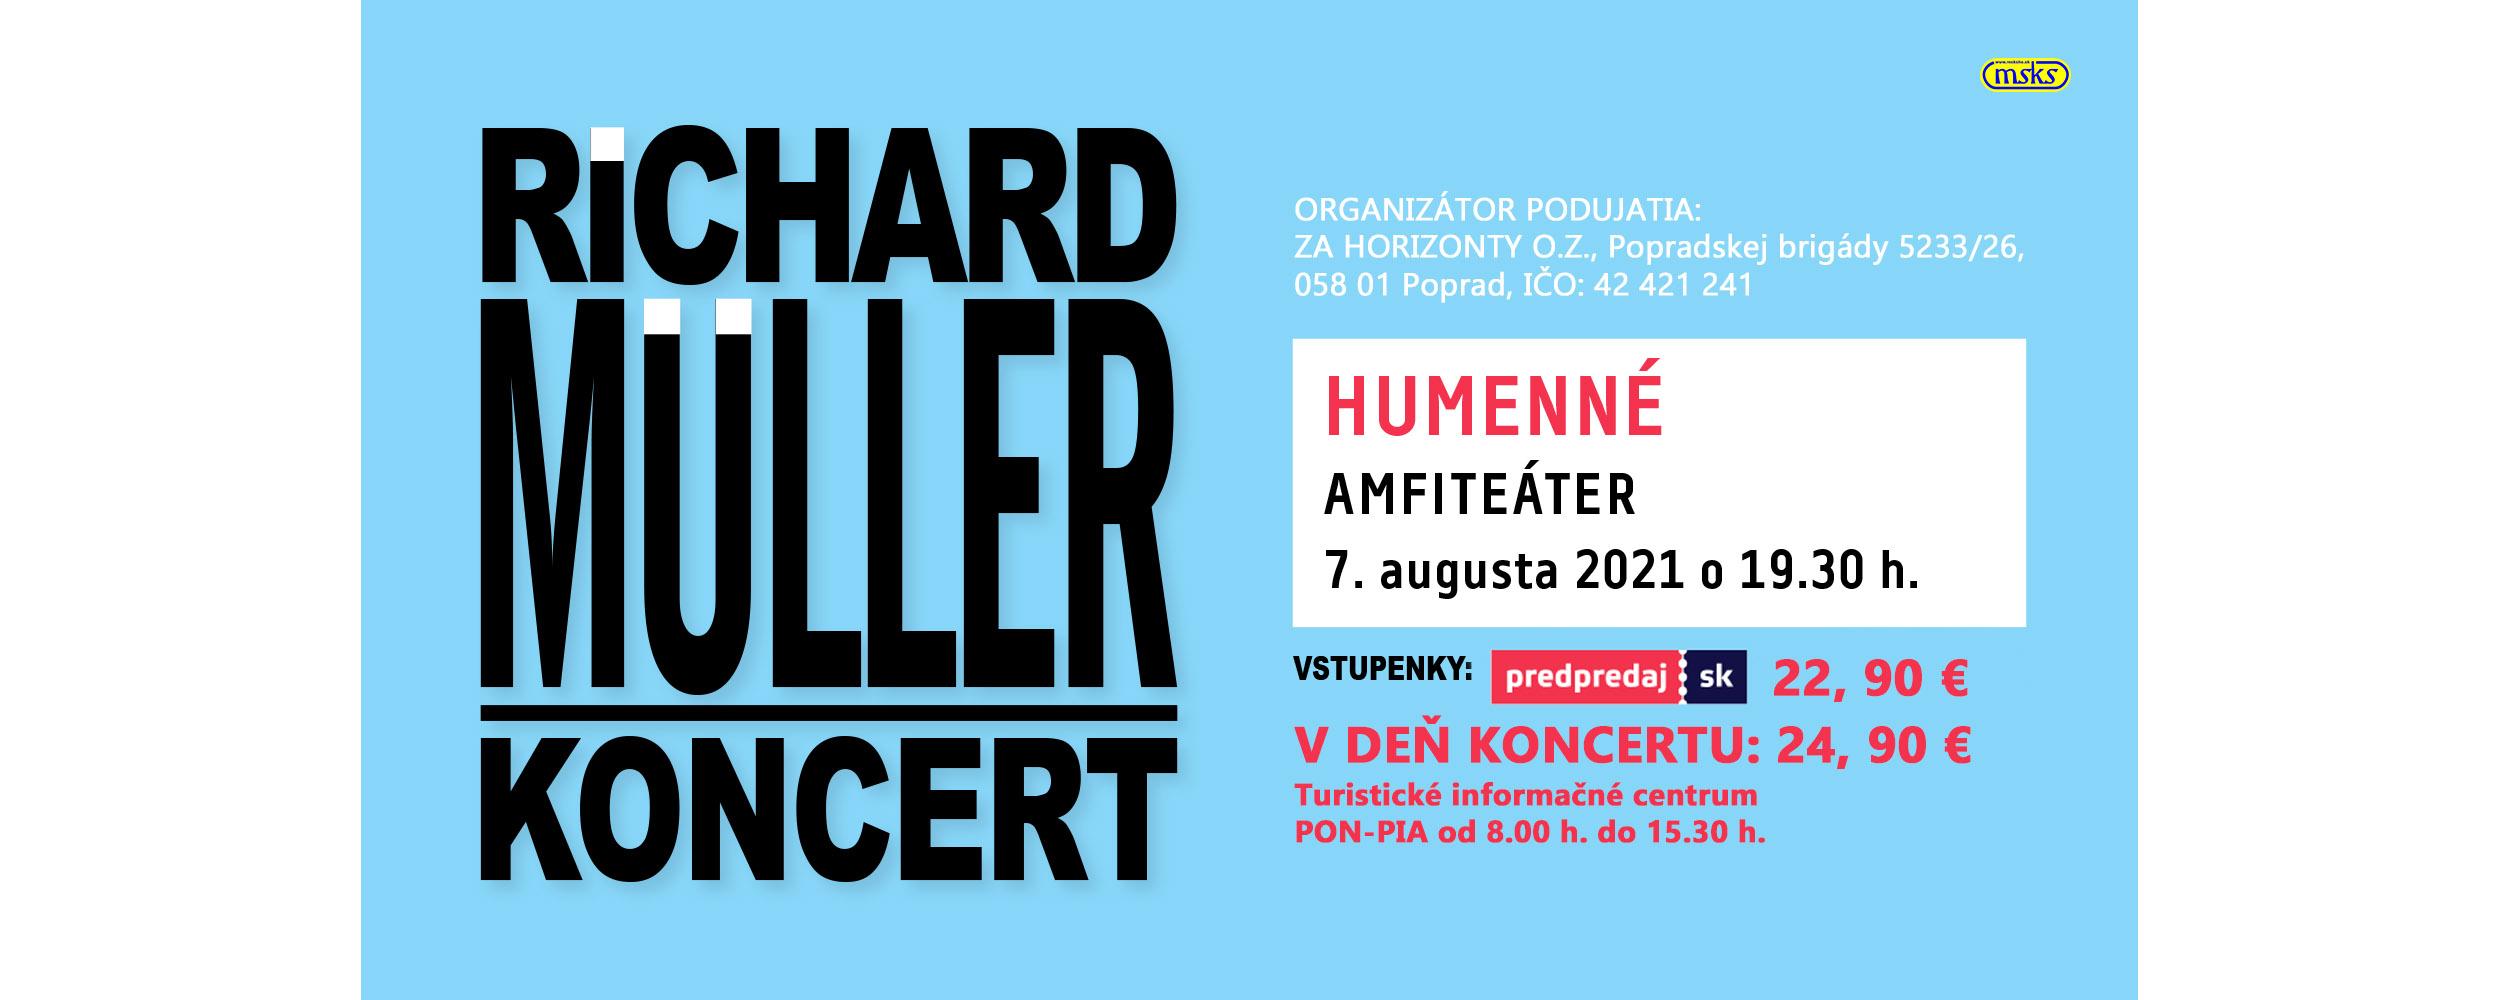 Richard Muller 2021